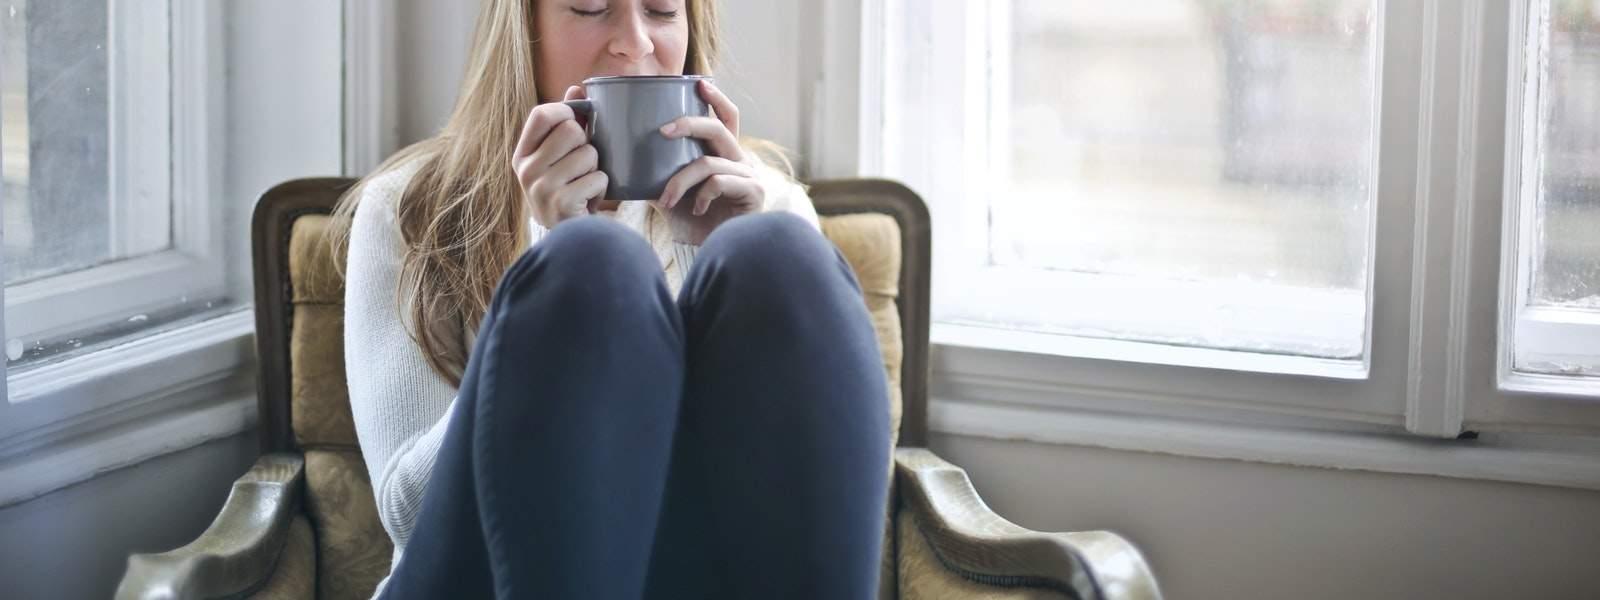 Правильно используем перерывы в работе